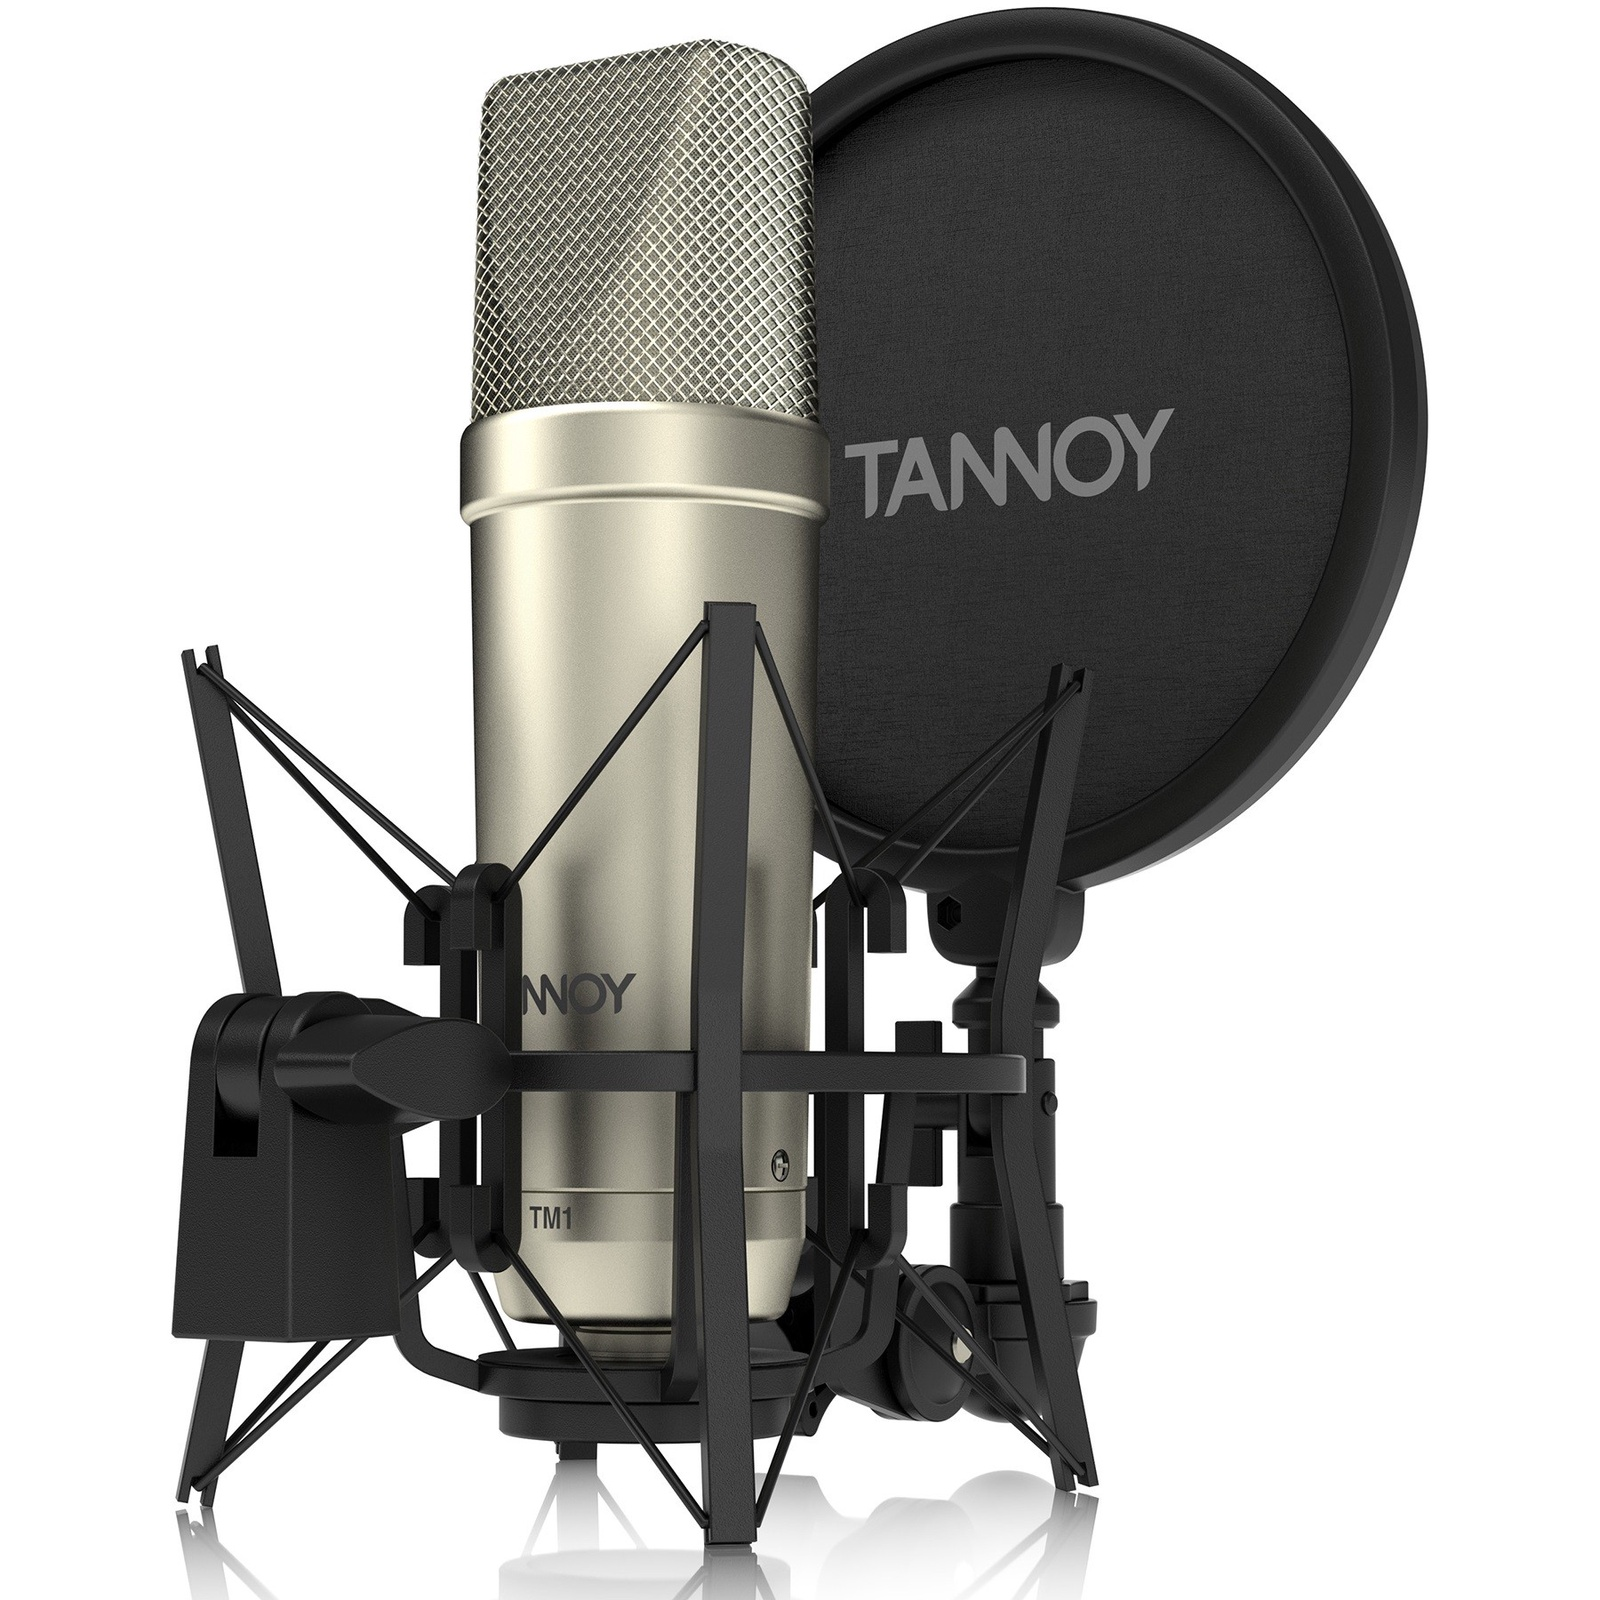 """Tannoy TM1 конденсаторный микрофон с большой мембраной 1"""" в комплекте с подвесом """"паук"""", поп-фильтром и кабелем"""